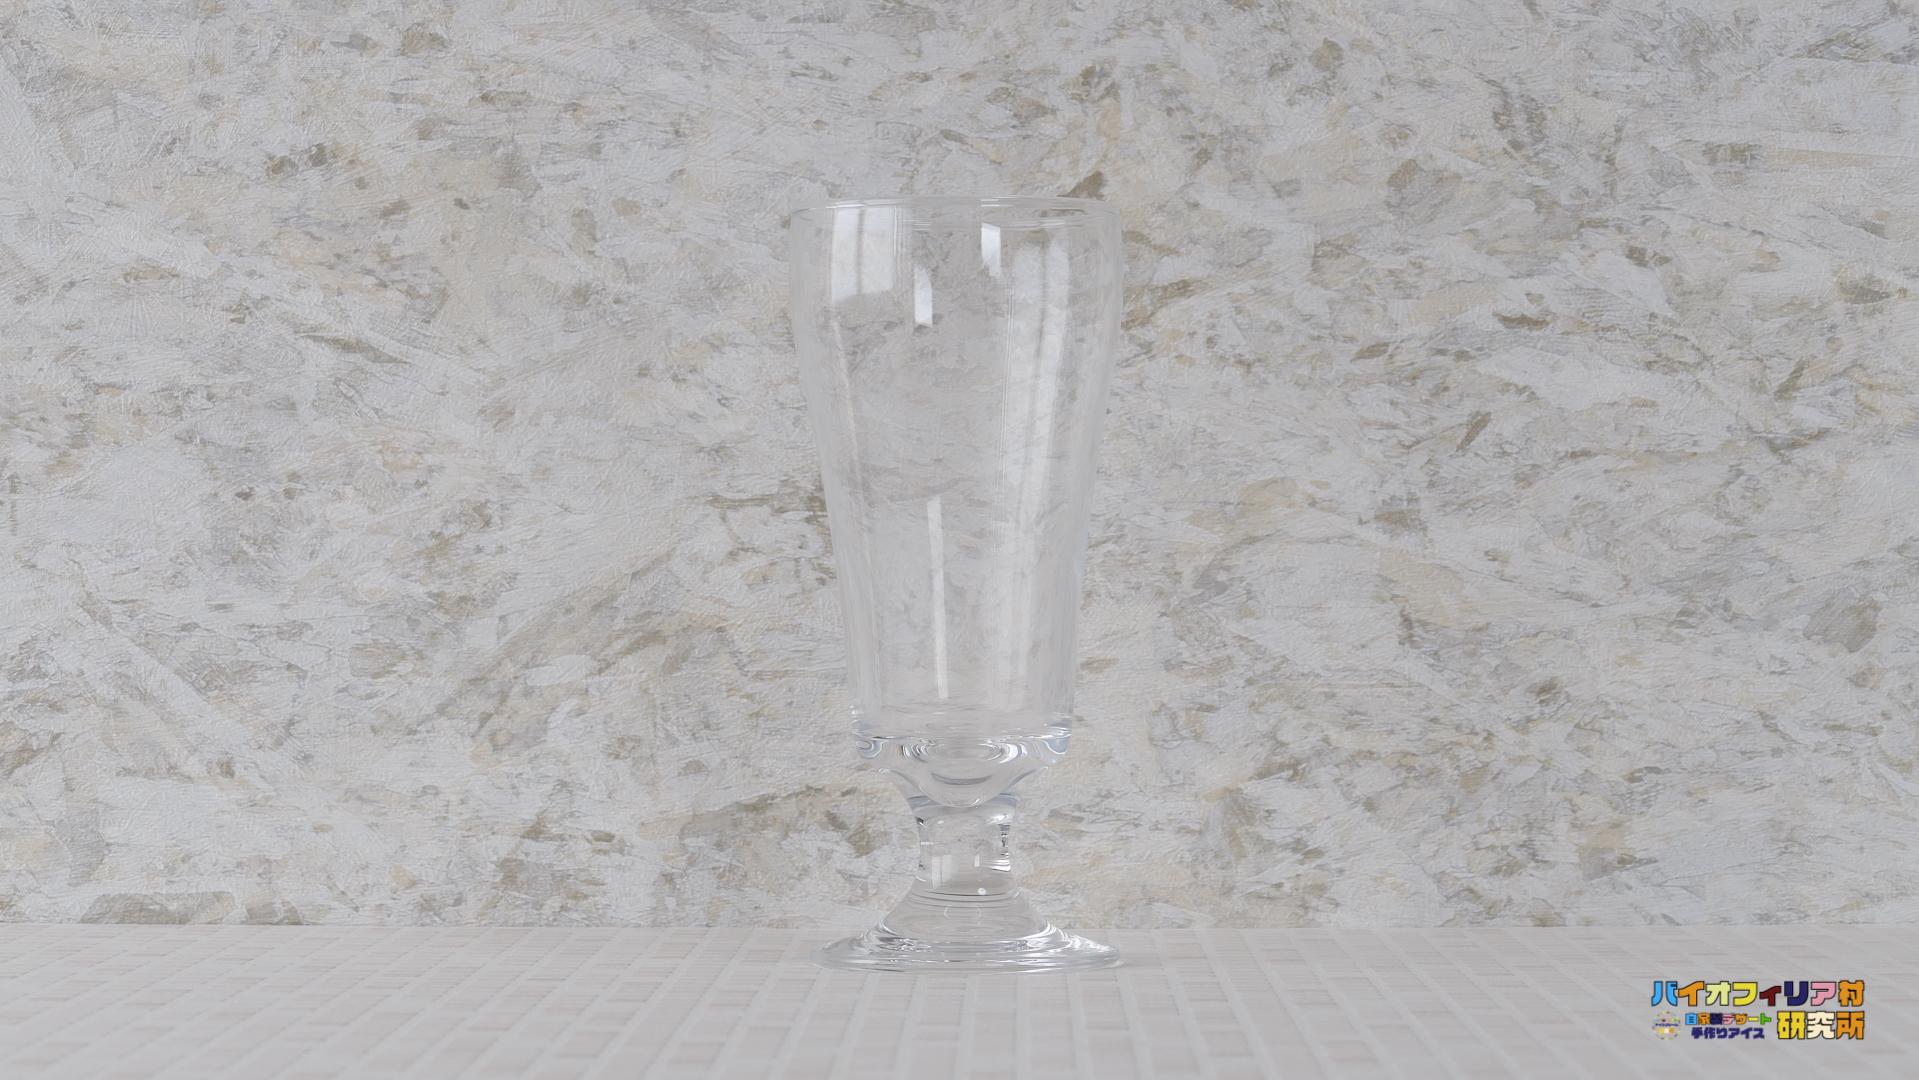 東洋佐々木ガラス『フロートグラス 310ml プルエースパーラー 35806』の商品画像です。